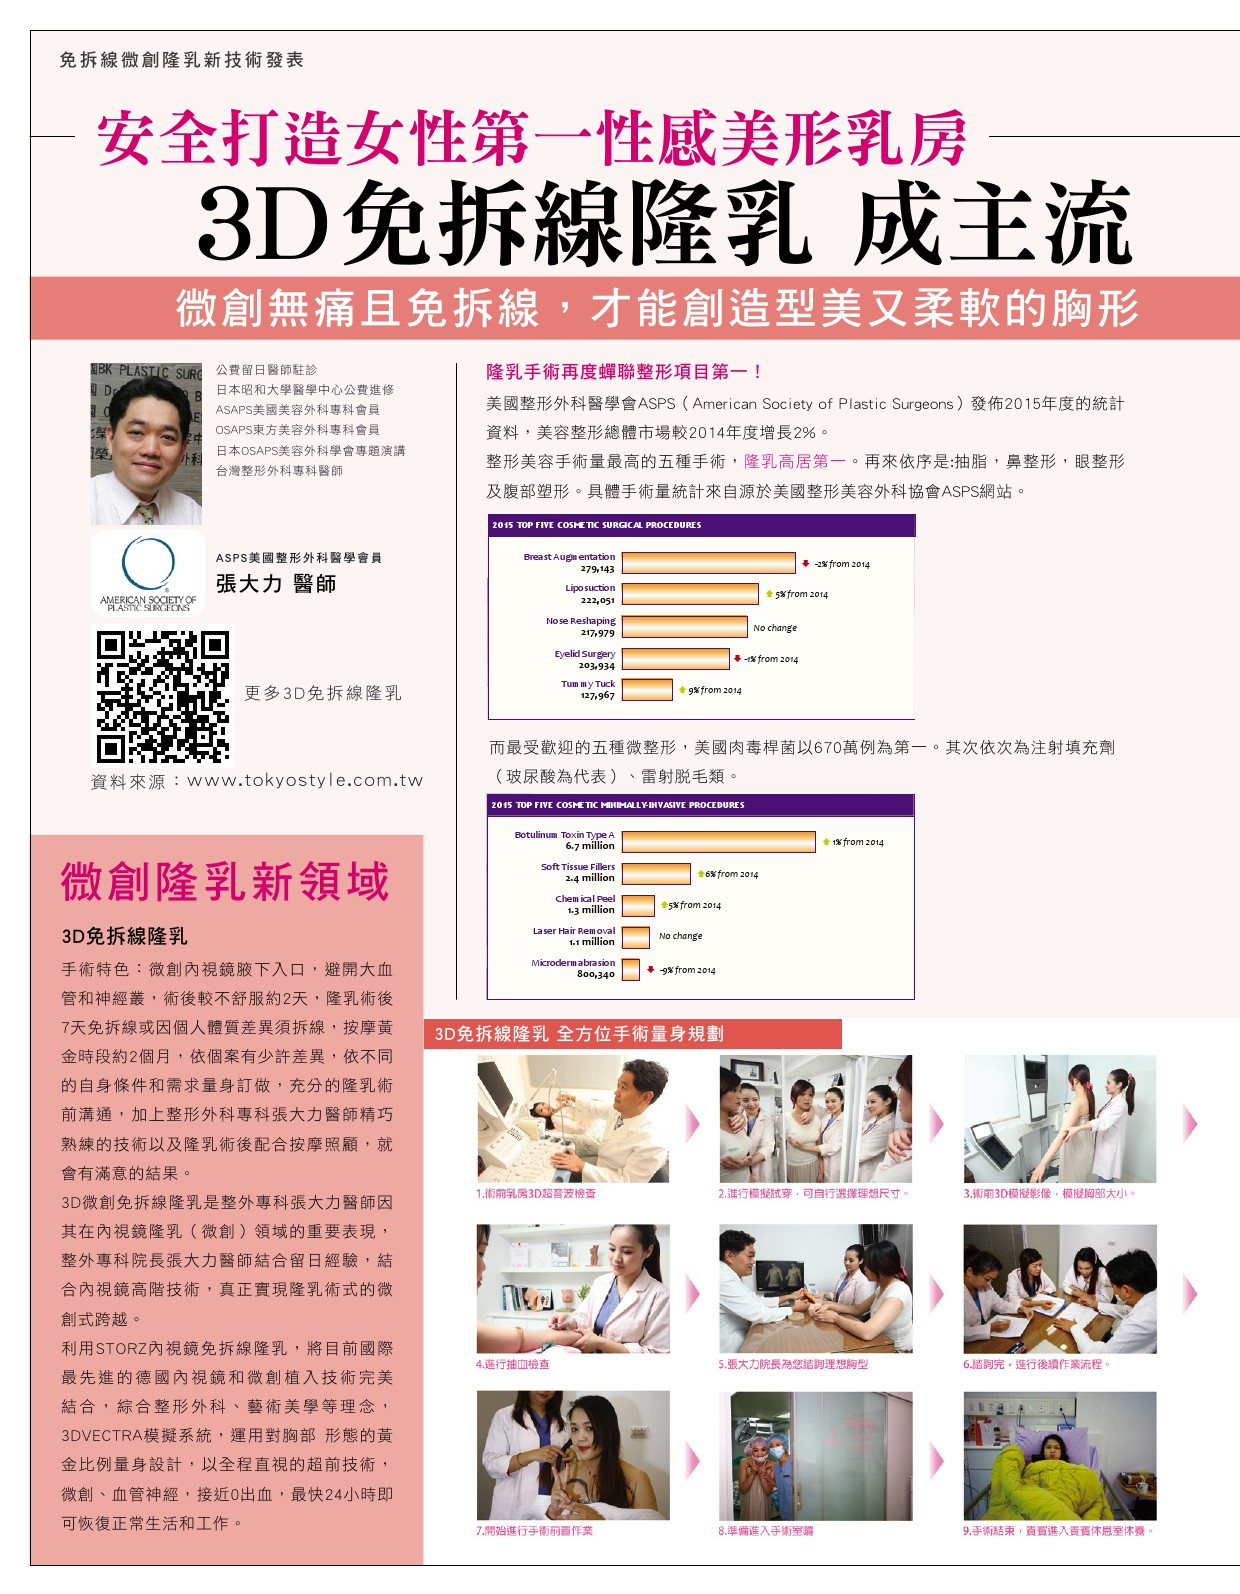 3D免拆線隆乳成主流 安全打造美型乳房-雜誌專訪-張大力-整形名醫-東京風采